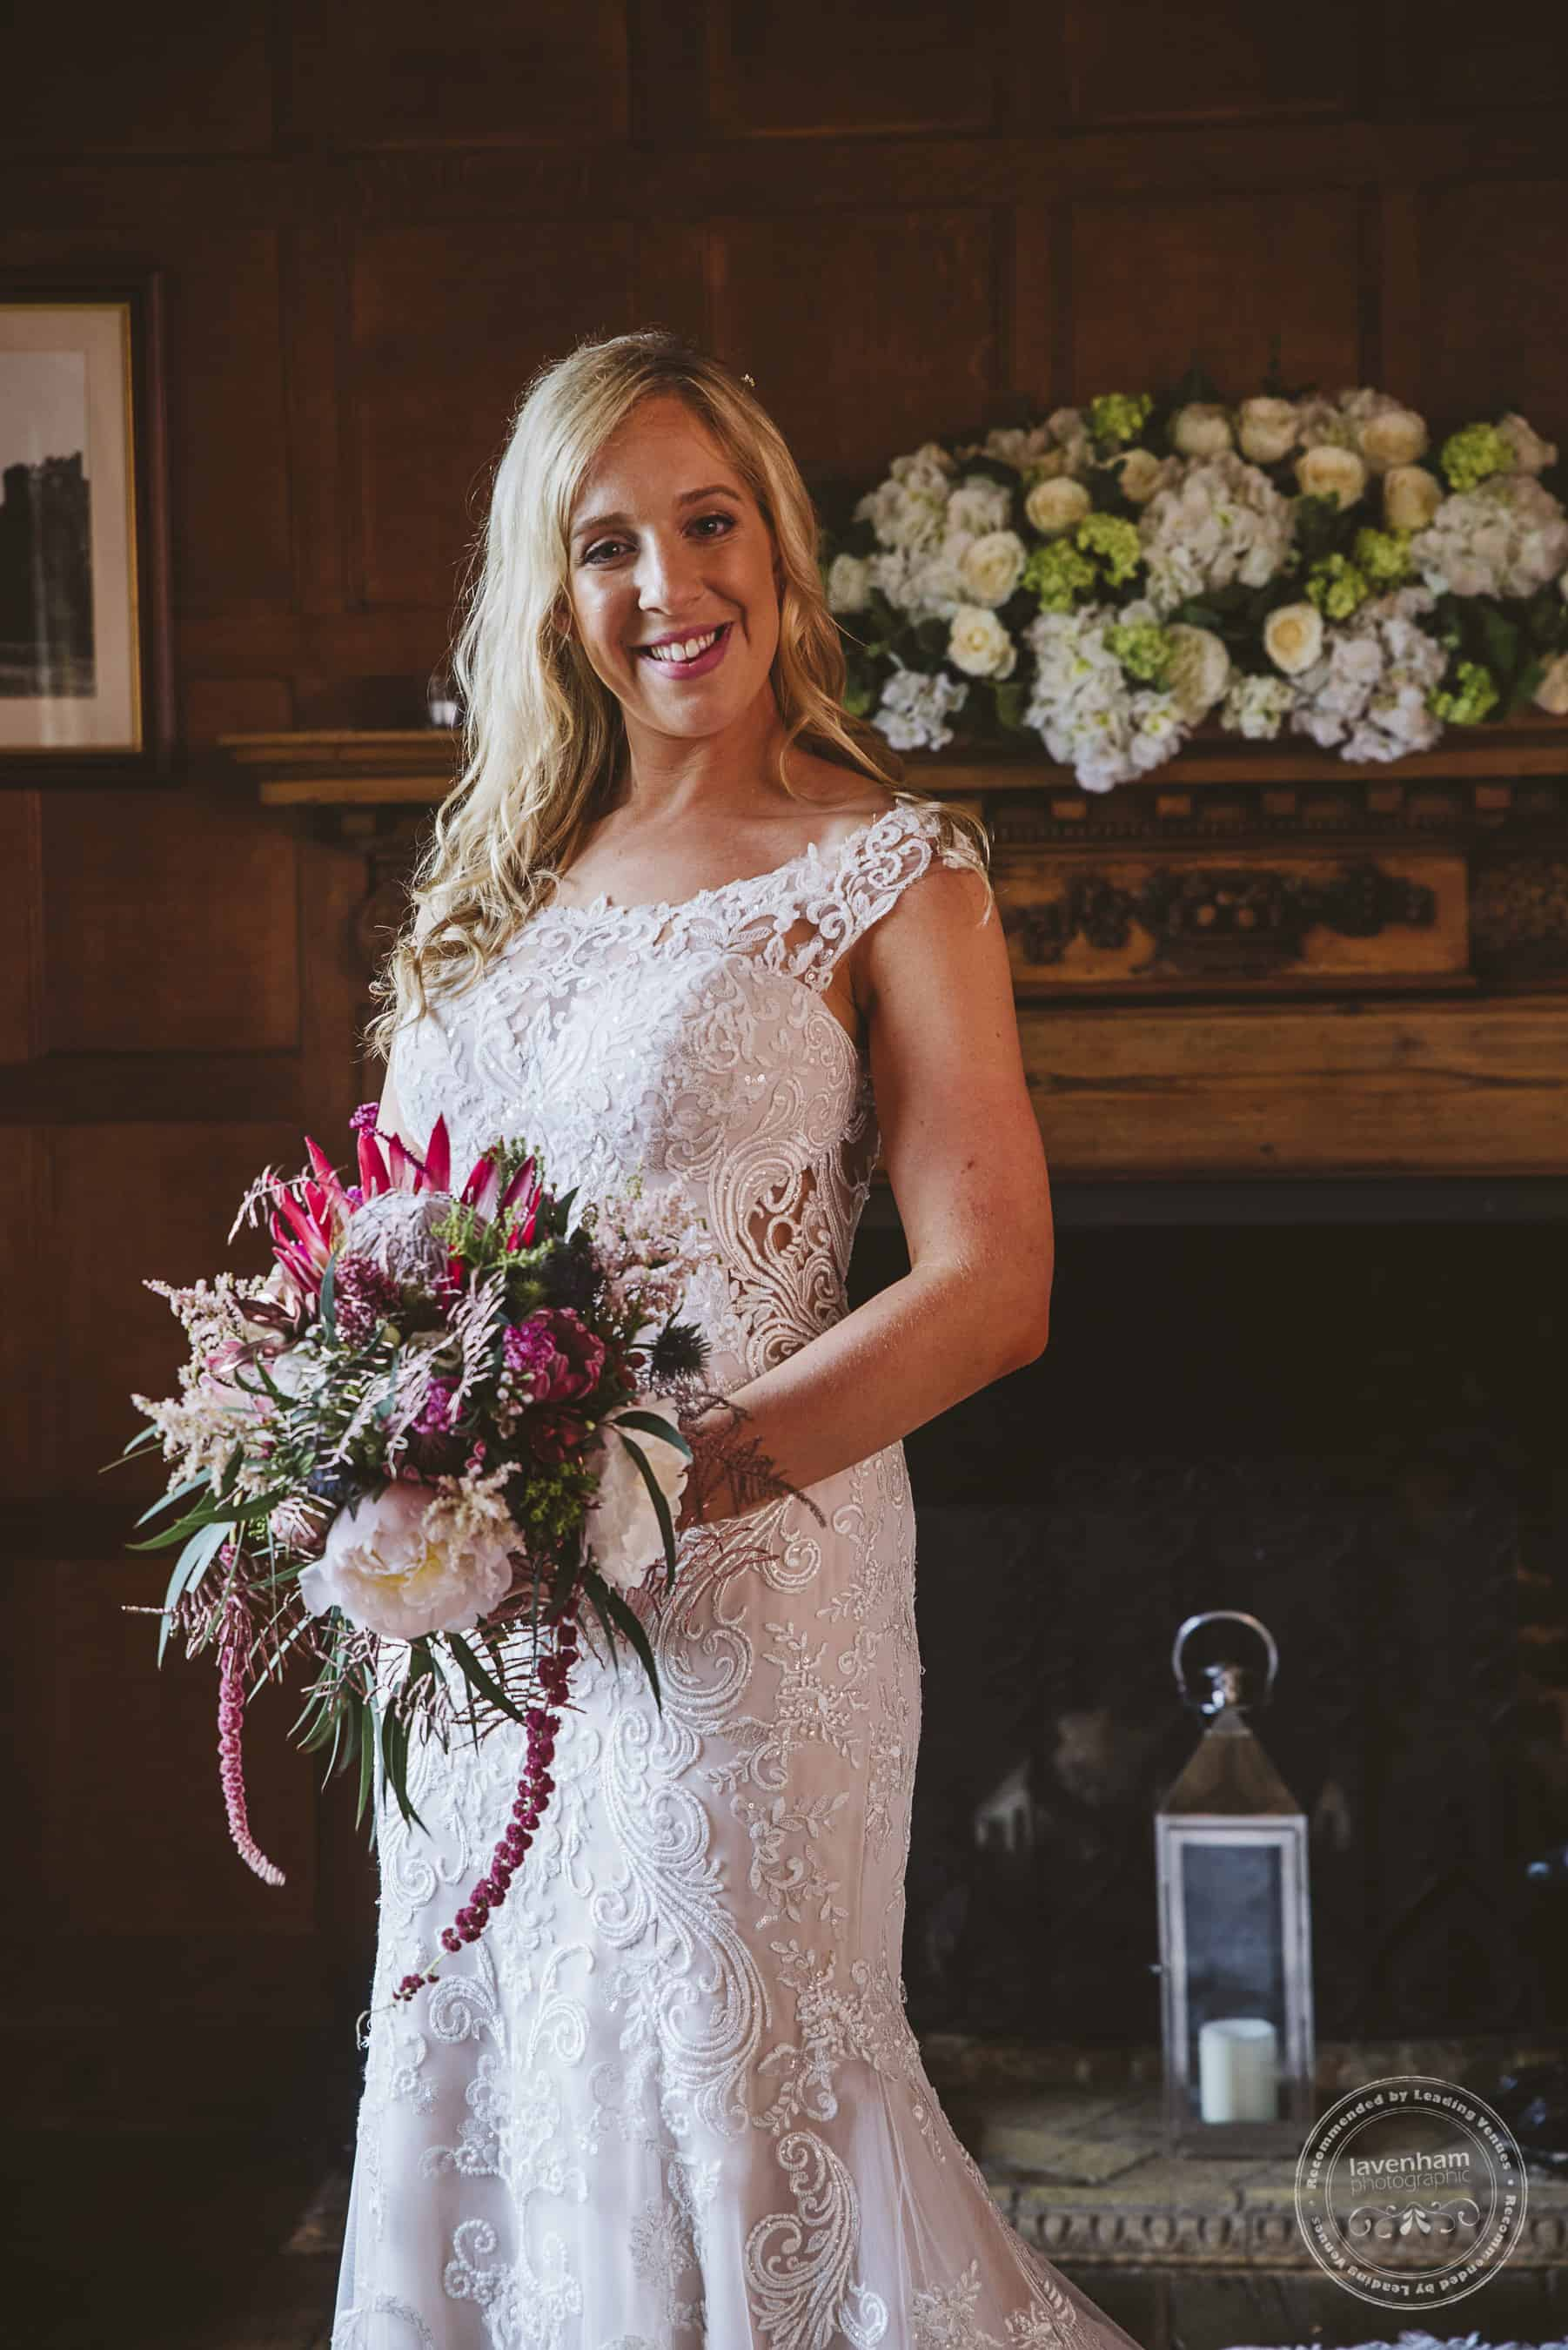 020618 Leez Priory Wedding Photography Lavenham Photographic 043